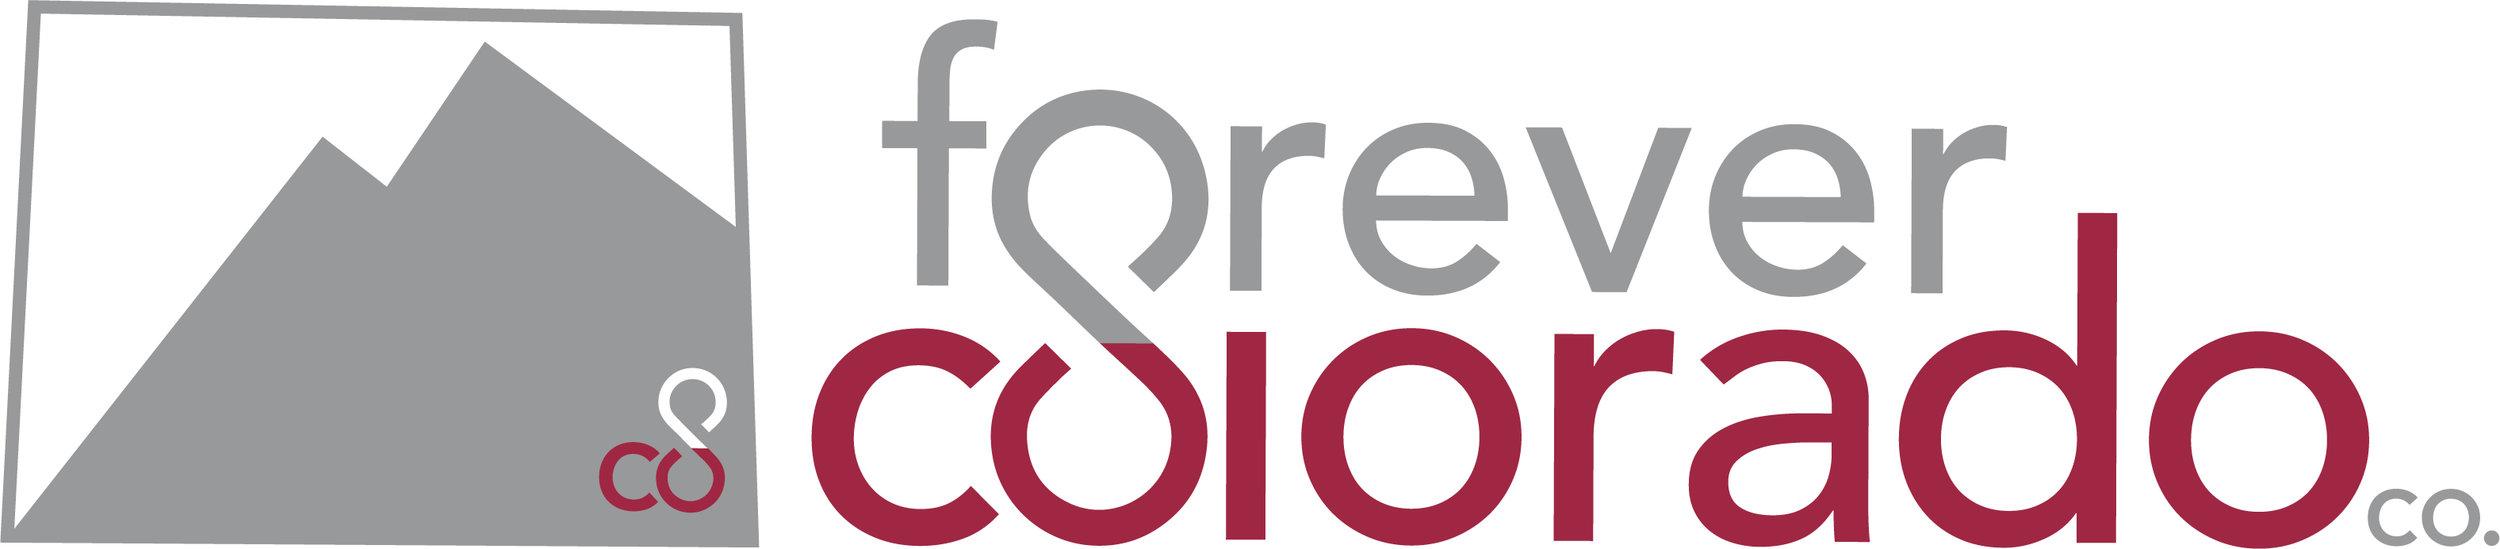 Forever Colorado Co.